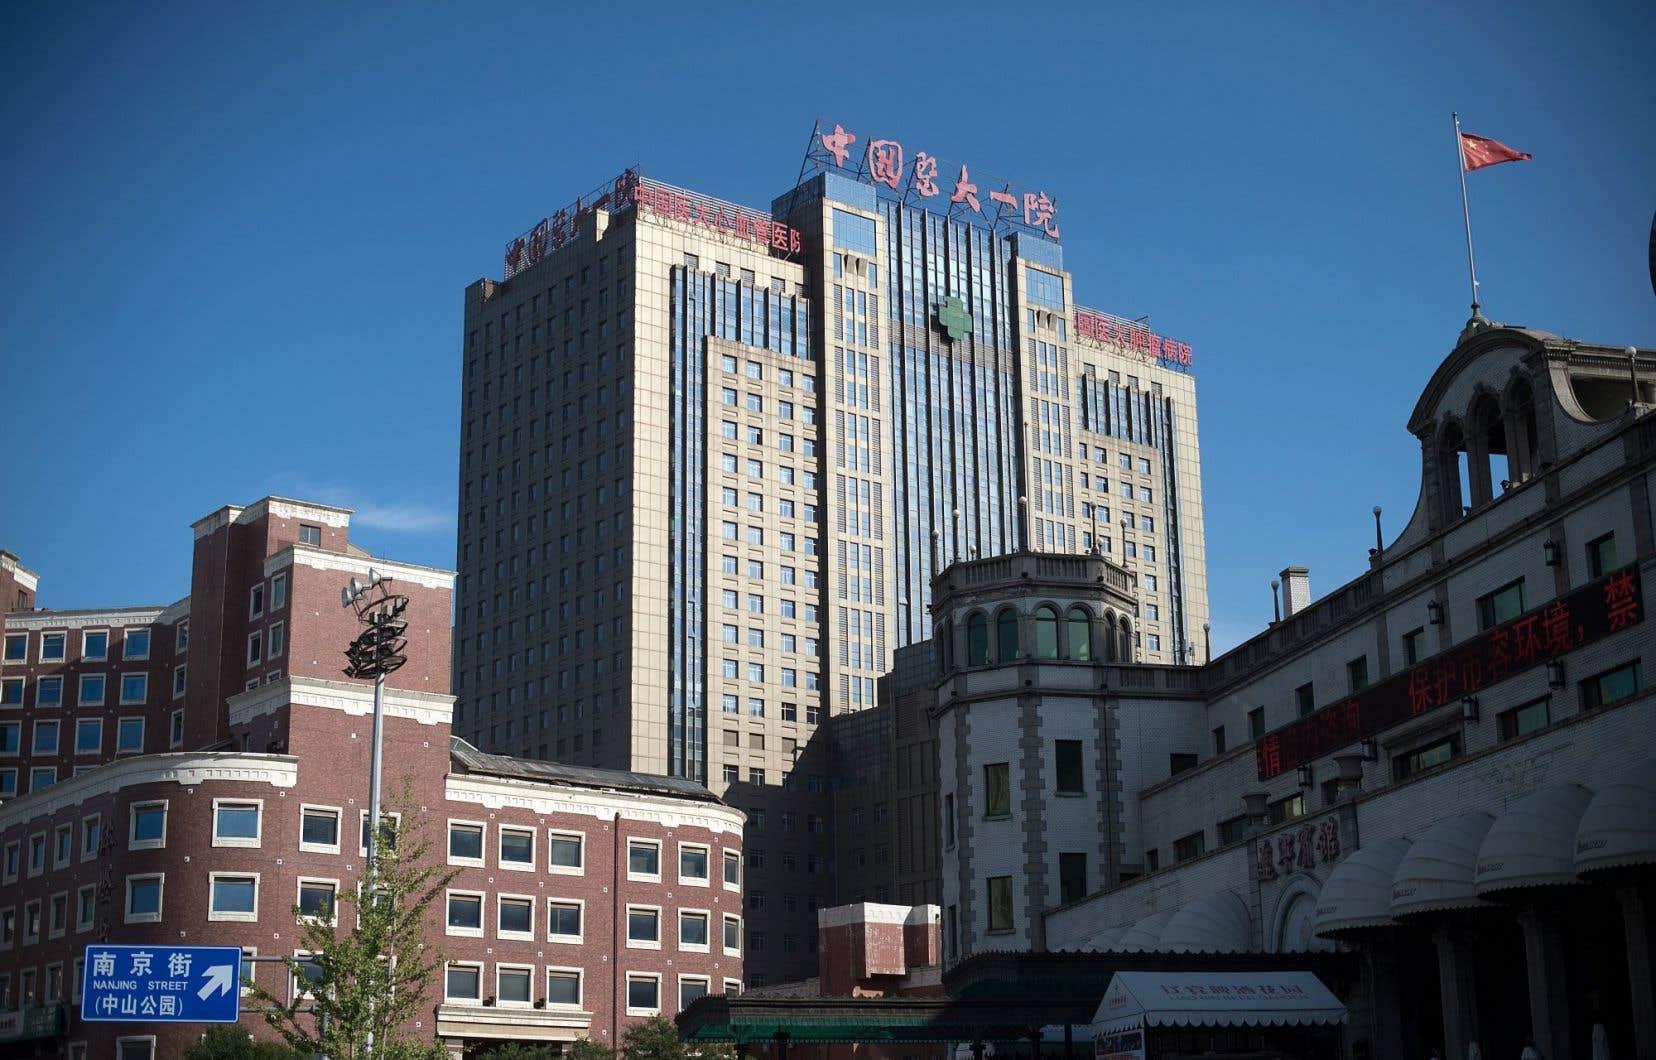 L'Hôpital universitaire médical n°1 de Shenyang, où Liu est traité, avait indiqué samedi qu'il serait «dangereux» pour lui d'être transféré.